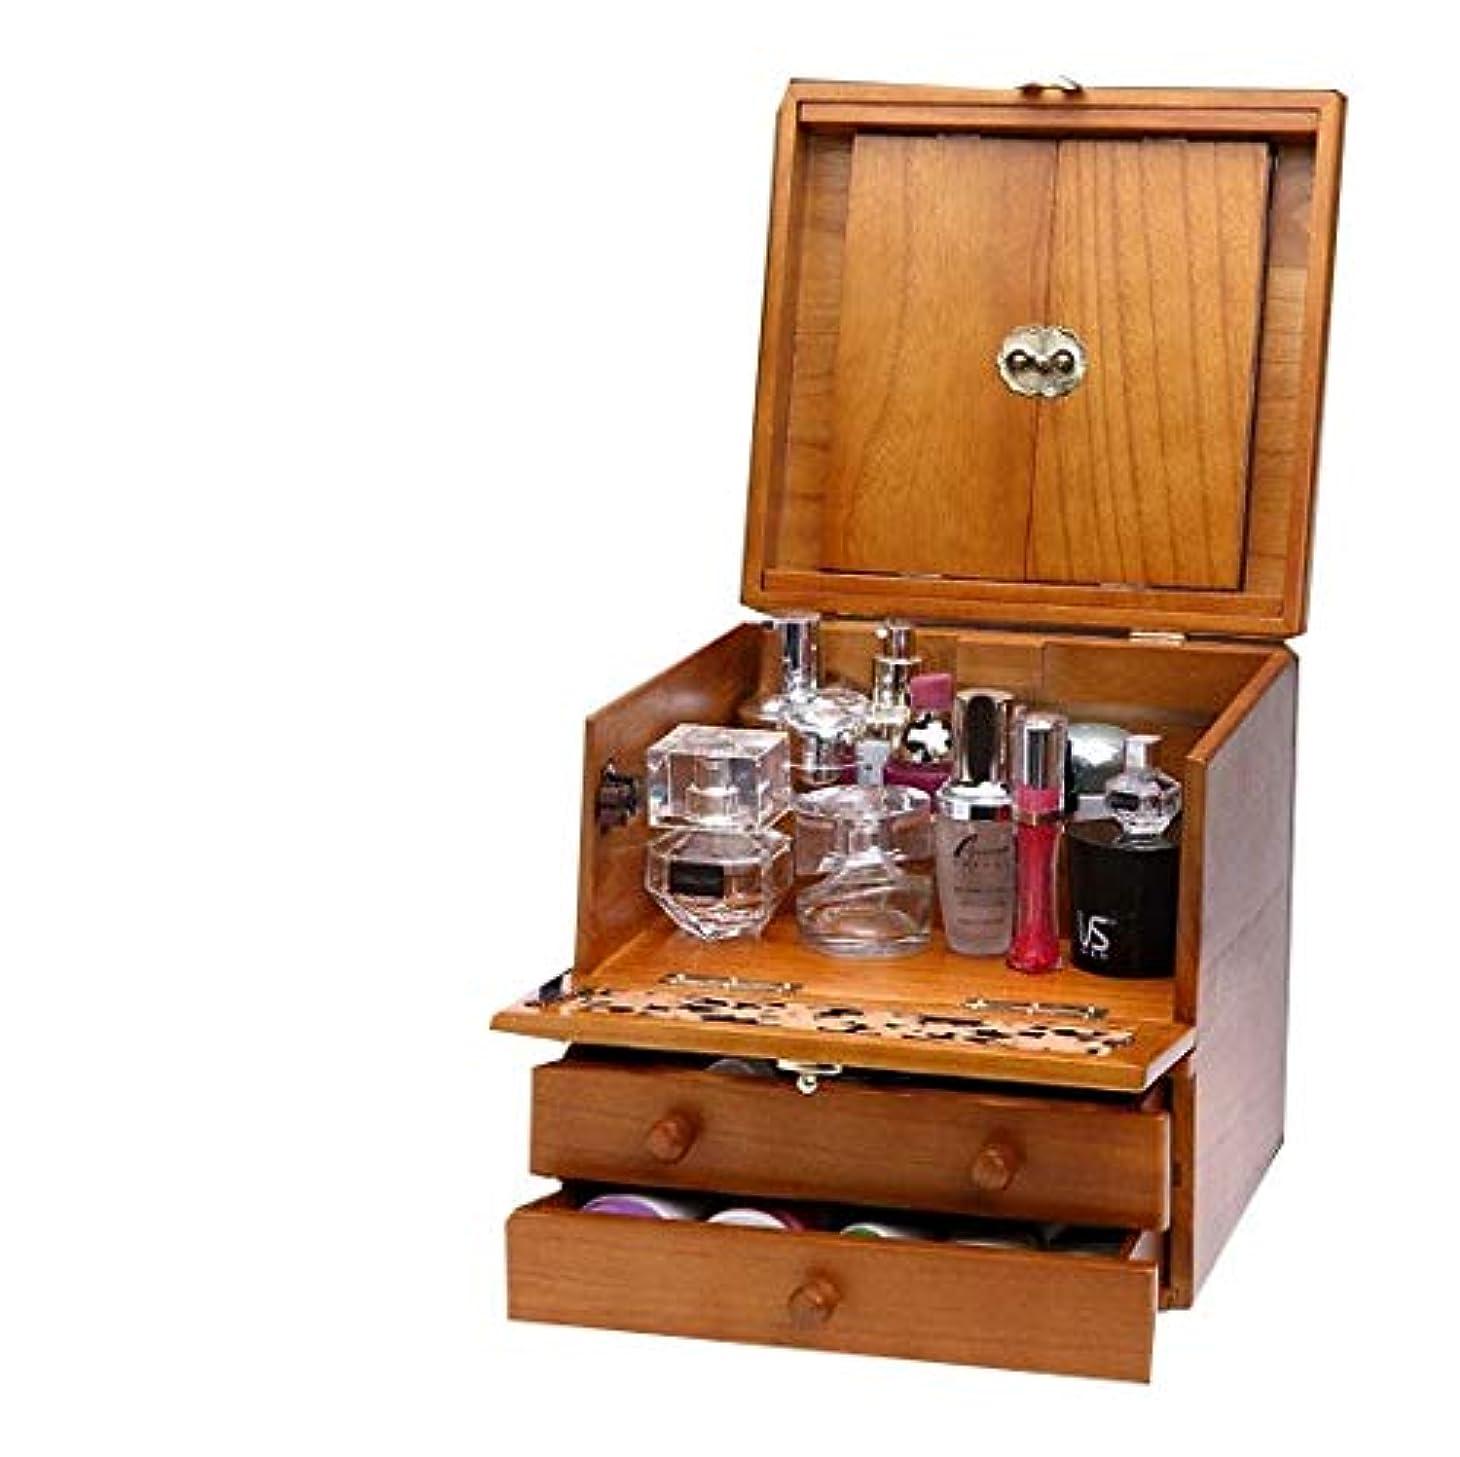 ネーピア恐れ繁殖化粧箱、3層レトロ木製彫刻化粧ケース付きミラー、ハイエンドのウェディングギフト、新築祝いのギフト、美容ネイルジュエリー収納ボックス